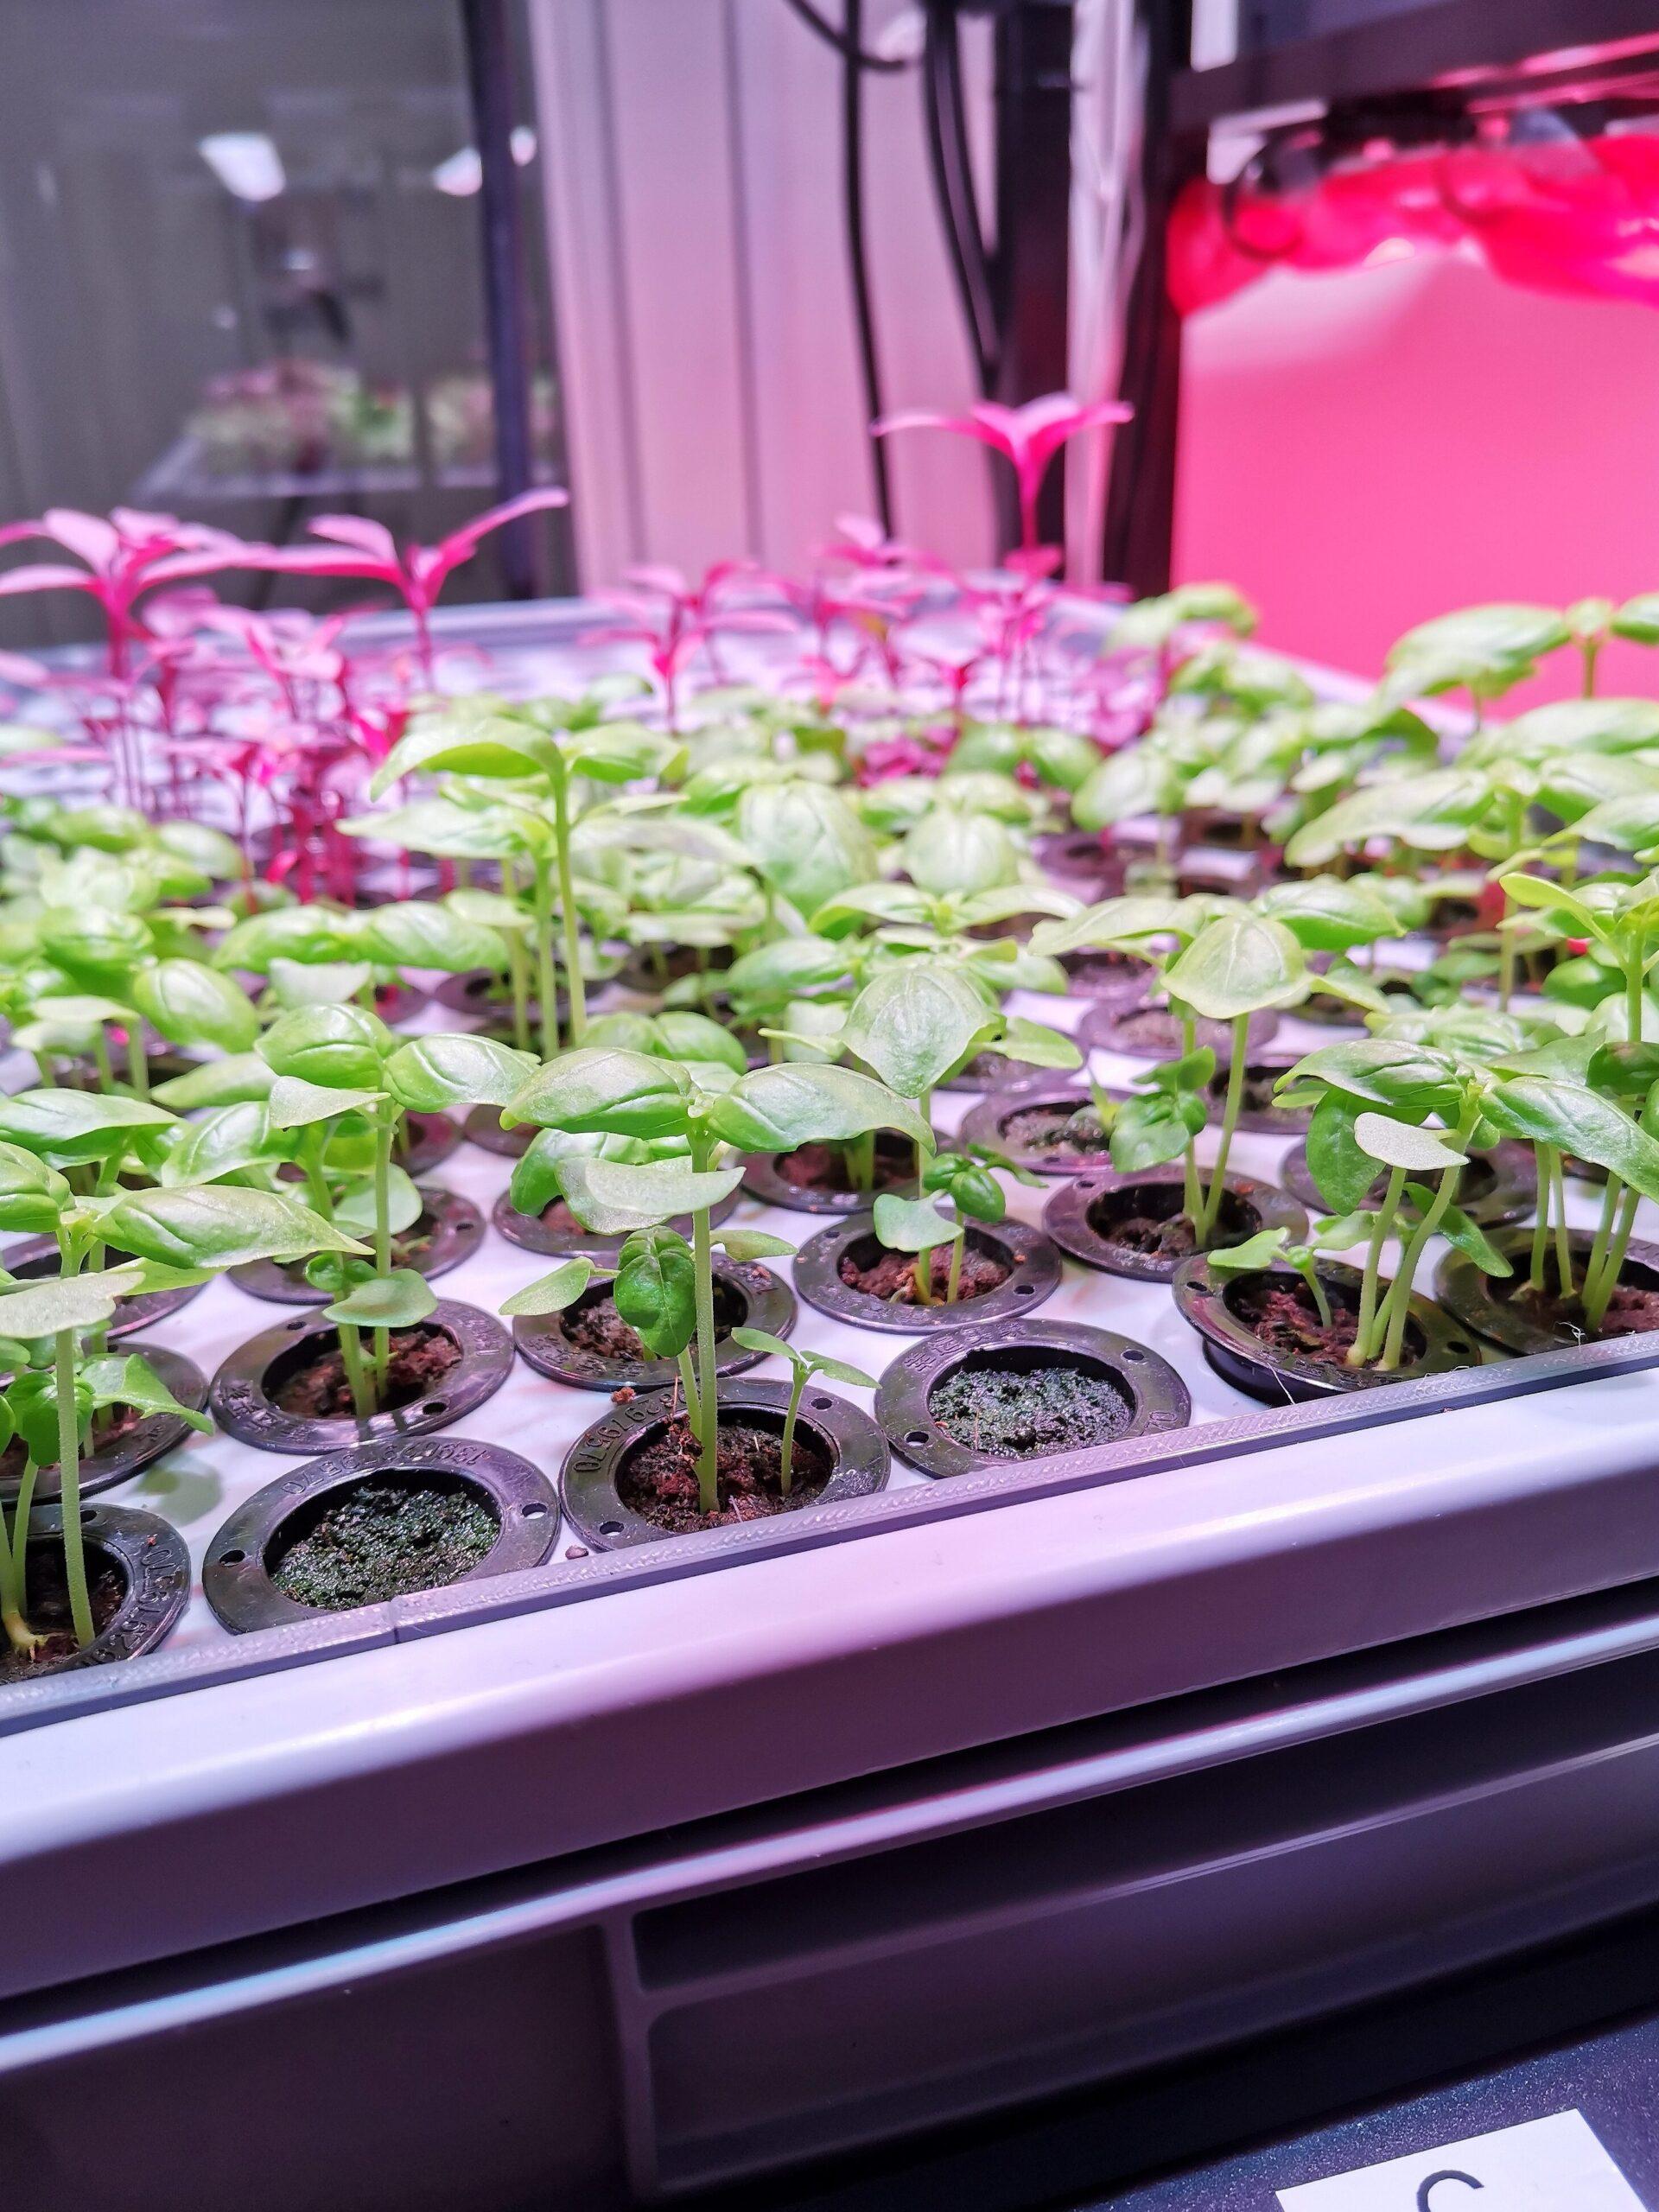 Et billede af unge basilikummer og amarantplanter i et growstacksystem.